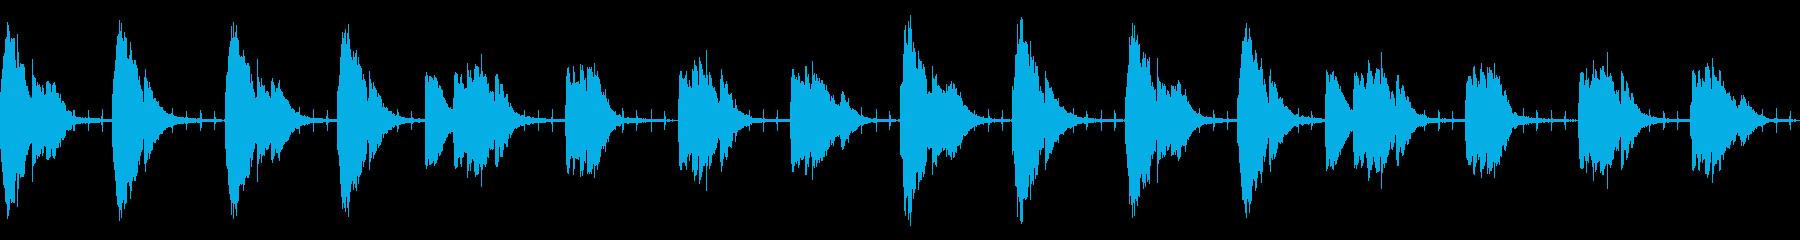 謎・不穏なシーンのシンプルなBGMの再生済みの波形